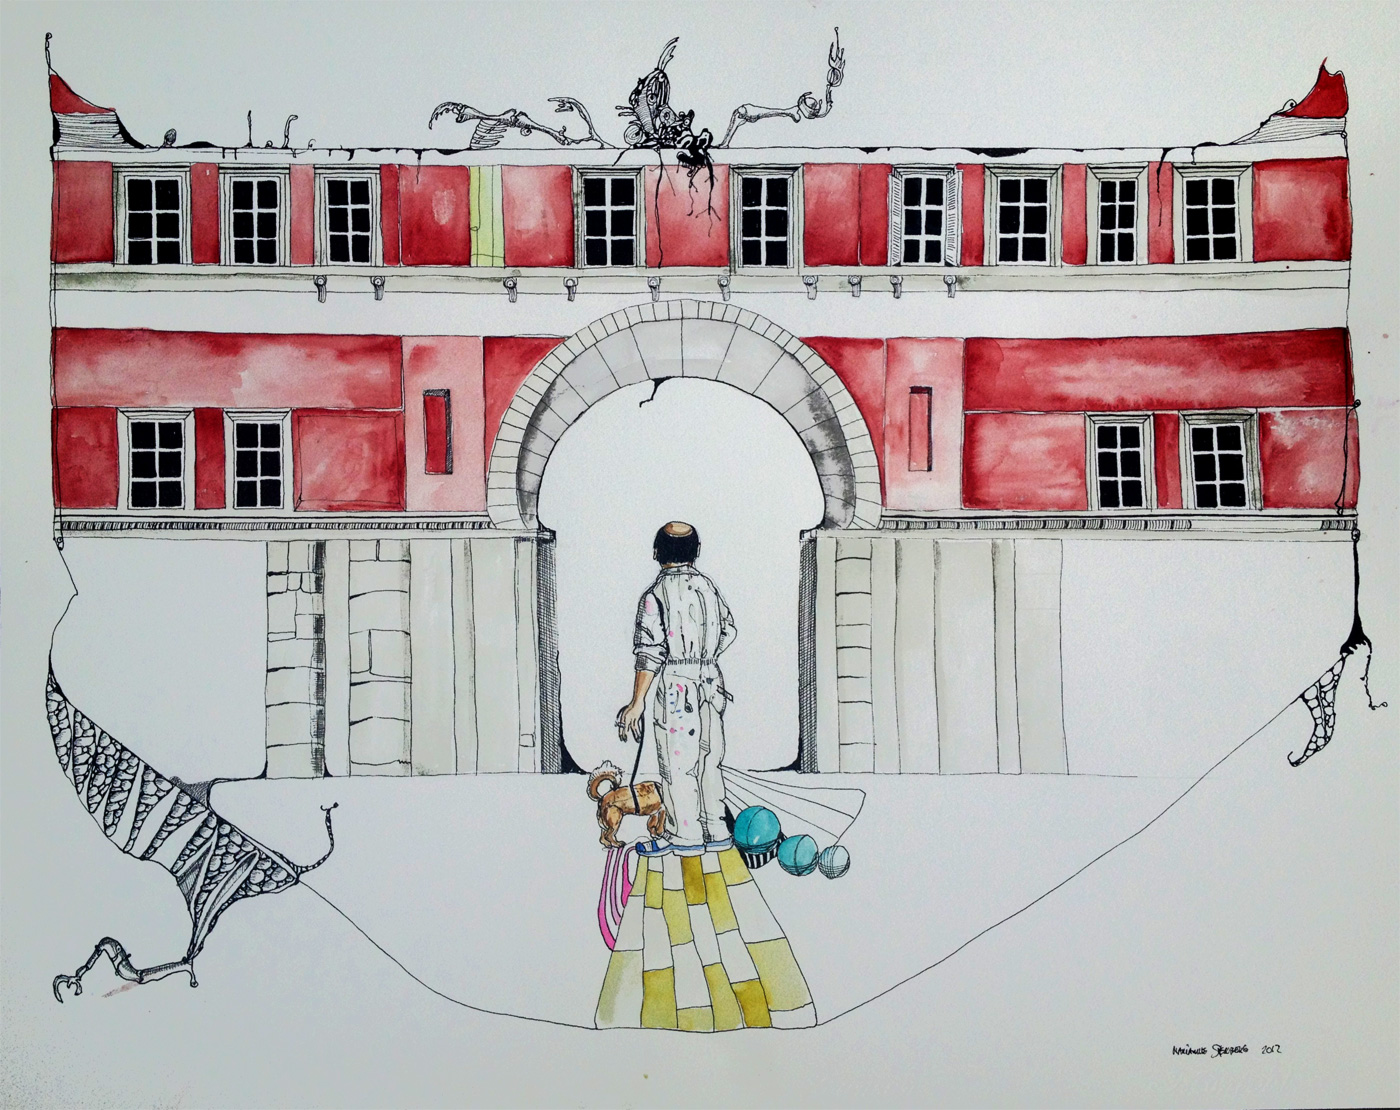 illustrationer. Udtryksfuldt moderne kunst. bygninger, farver, arbejder, rød bygning. talentfulde kunstnere, online kunstgalleri.